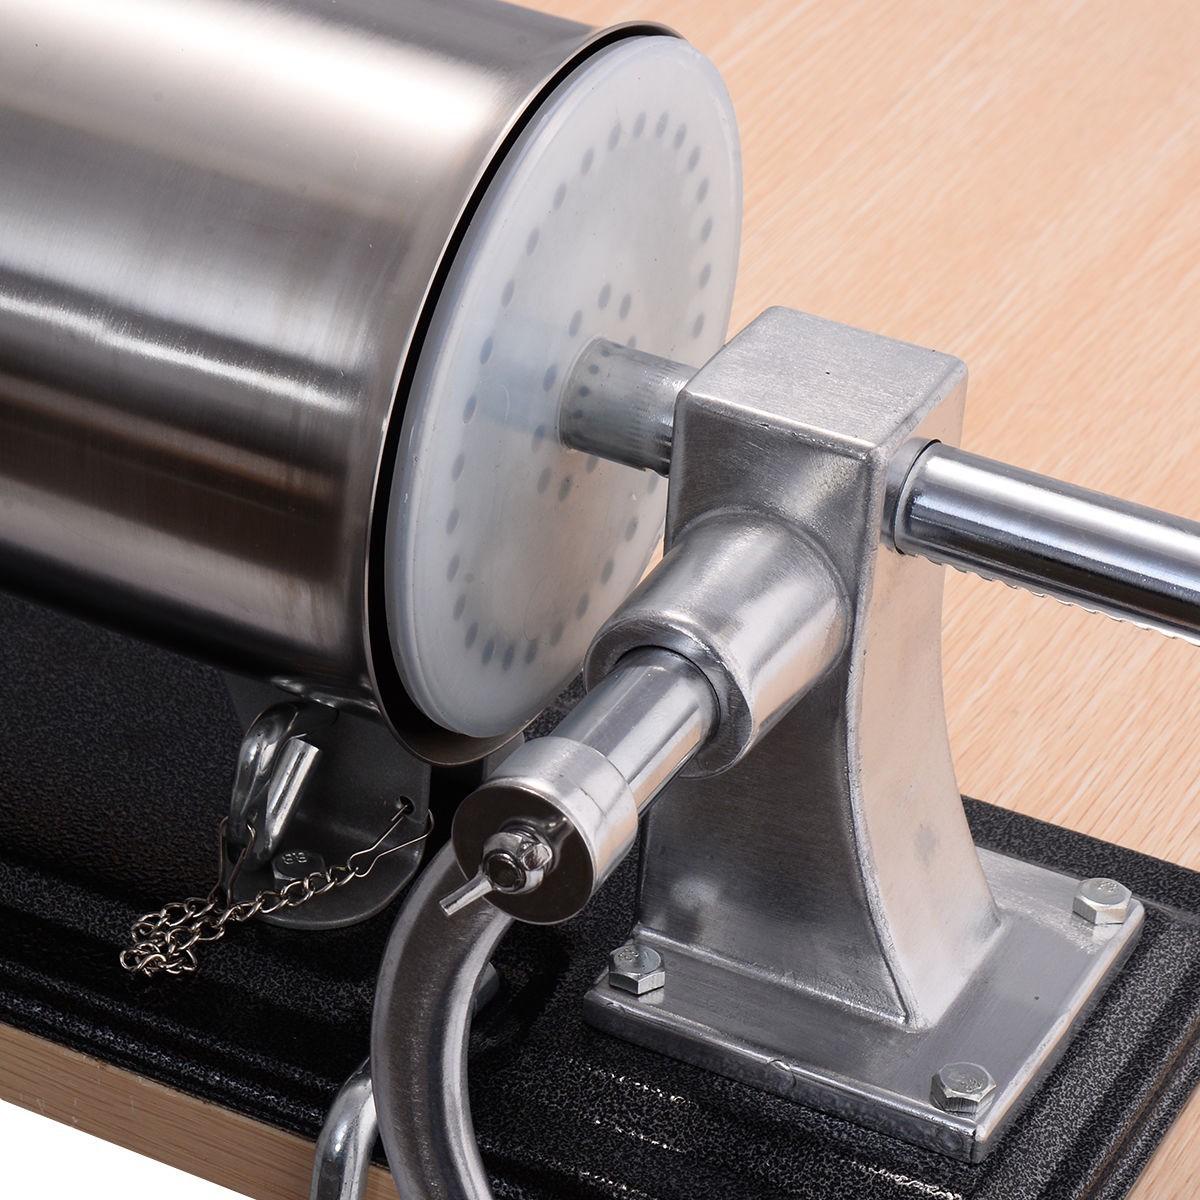 máy đùn xúc xích, lạp xưởng ngày tết - Inox 304 - 3L 2